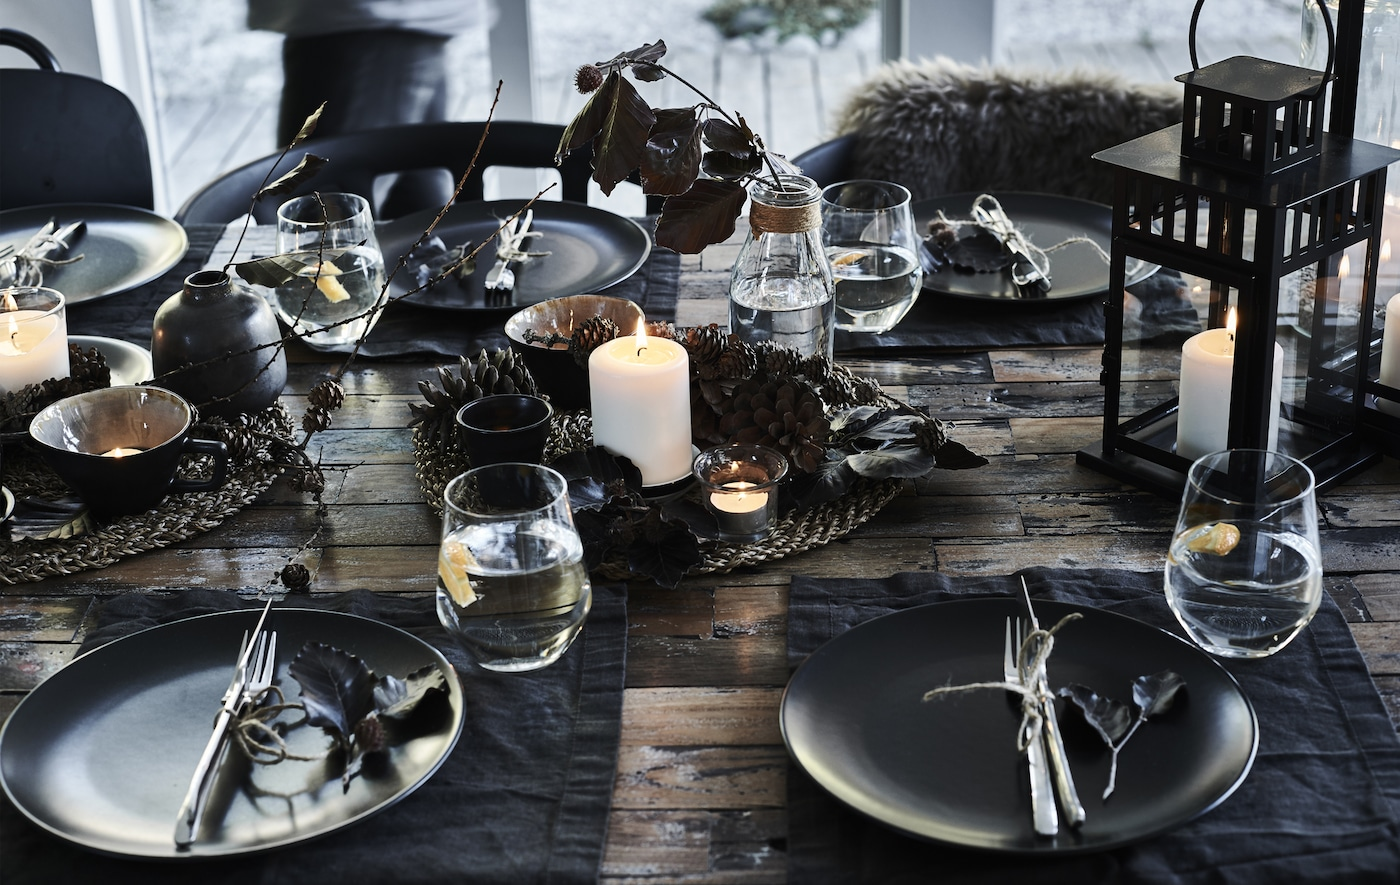 Decoração de mesa com materiais naturais e loiça em tons escuros